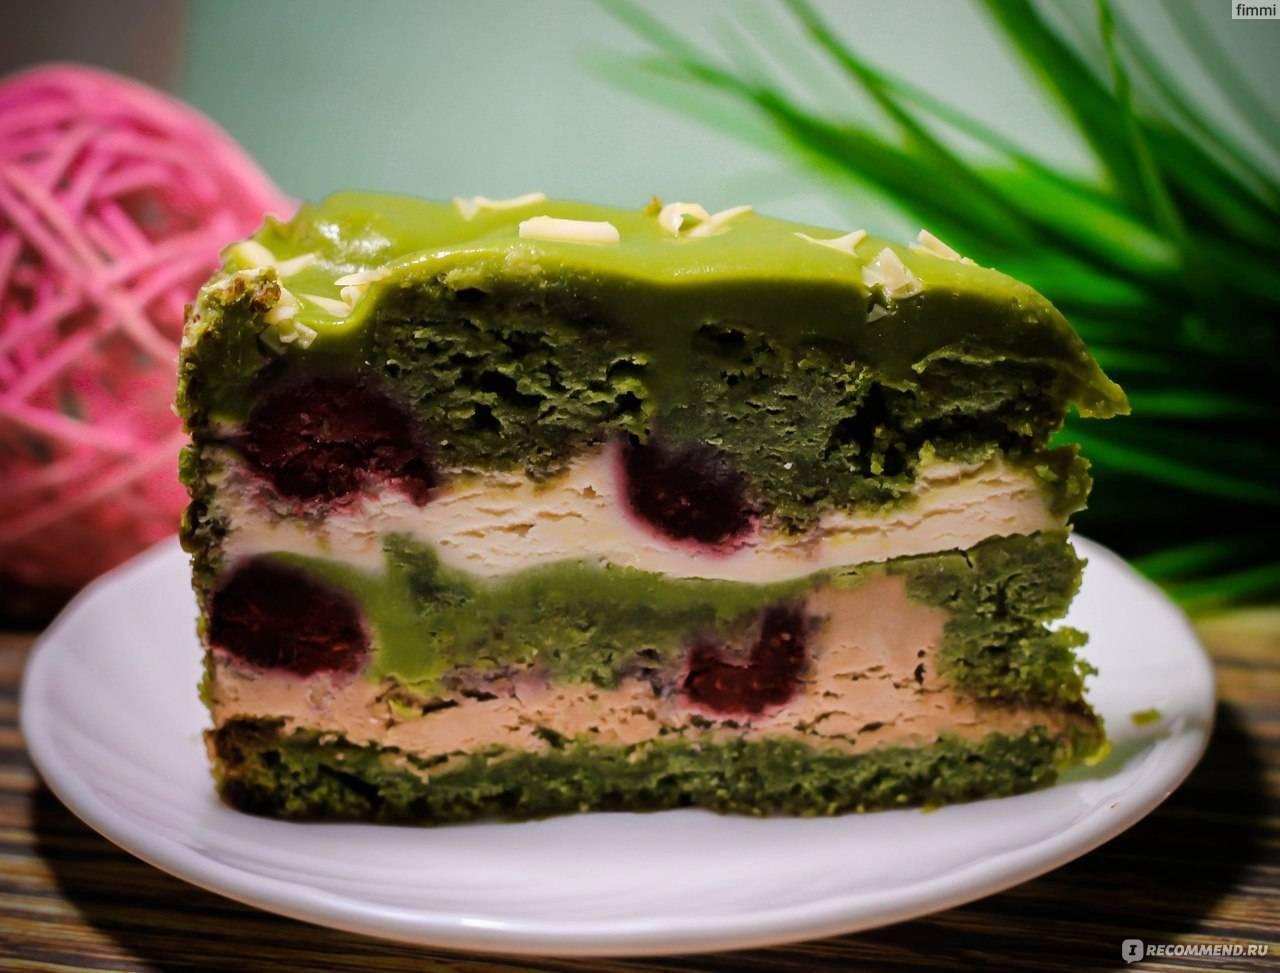 Фисташковый торт с малиной: рецепт, приготовление пошагово